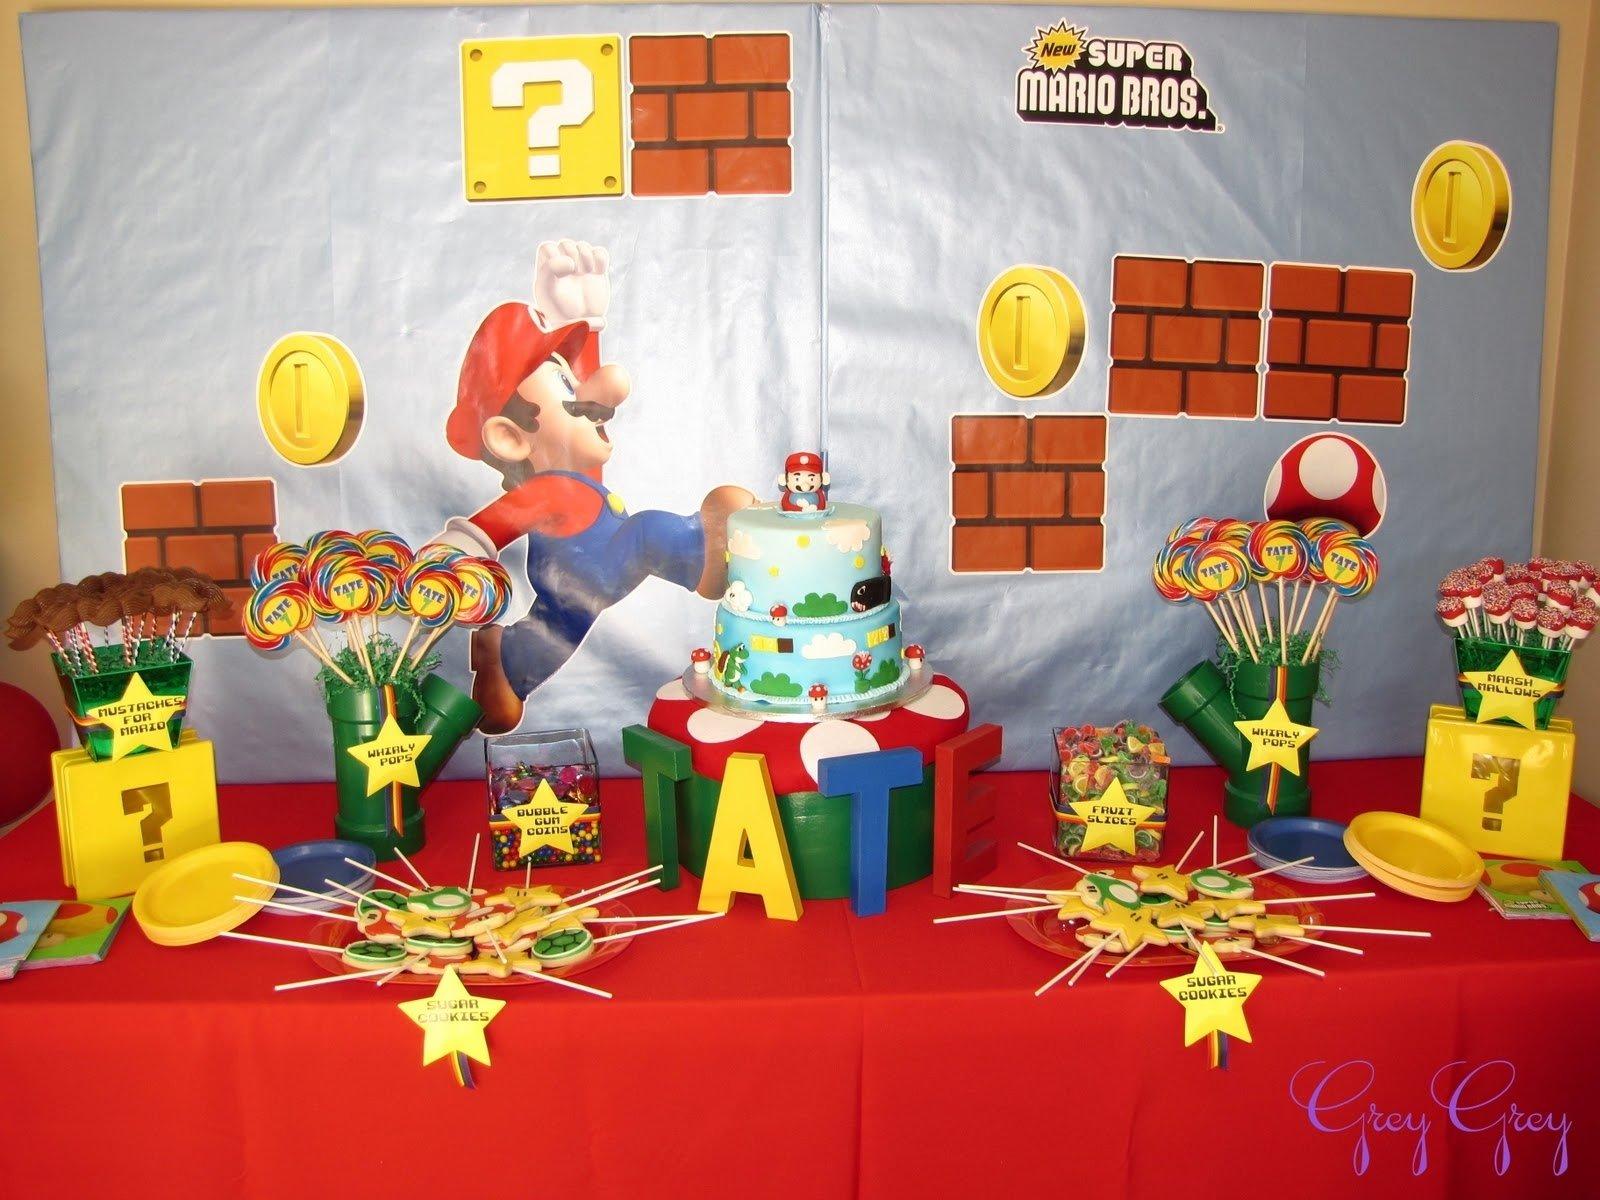 10 Spectacular Mario Brothers Birthday Party Ideas greygrey designs my parties super mario birthday party 6